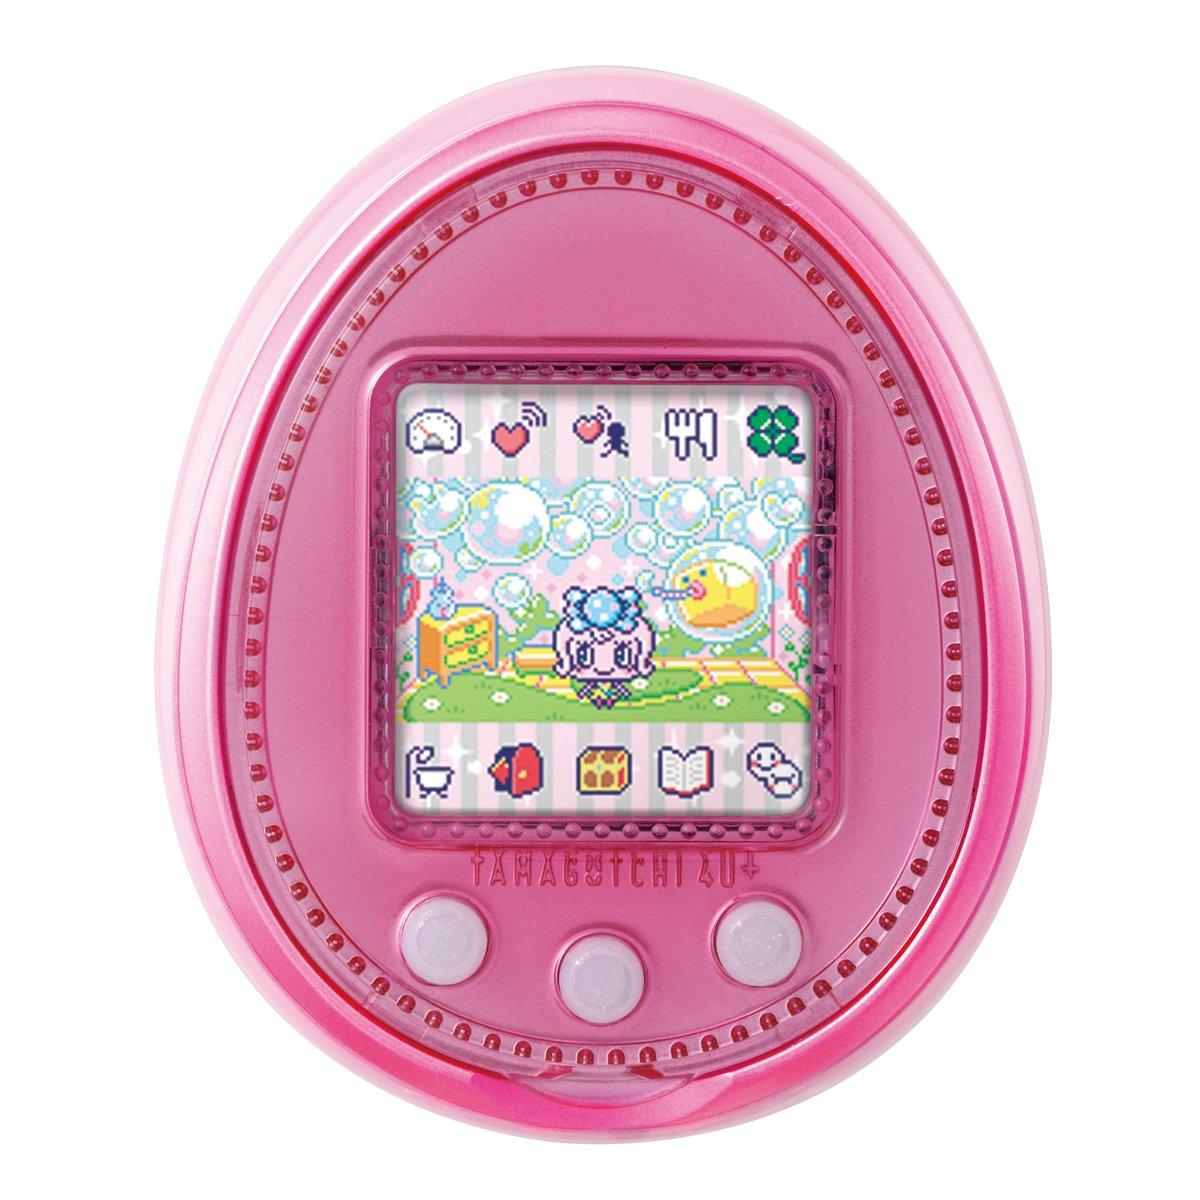 TAMAGOTCHI 4U+ Bandai - Baby Pink by Bandai (Image #1)